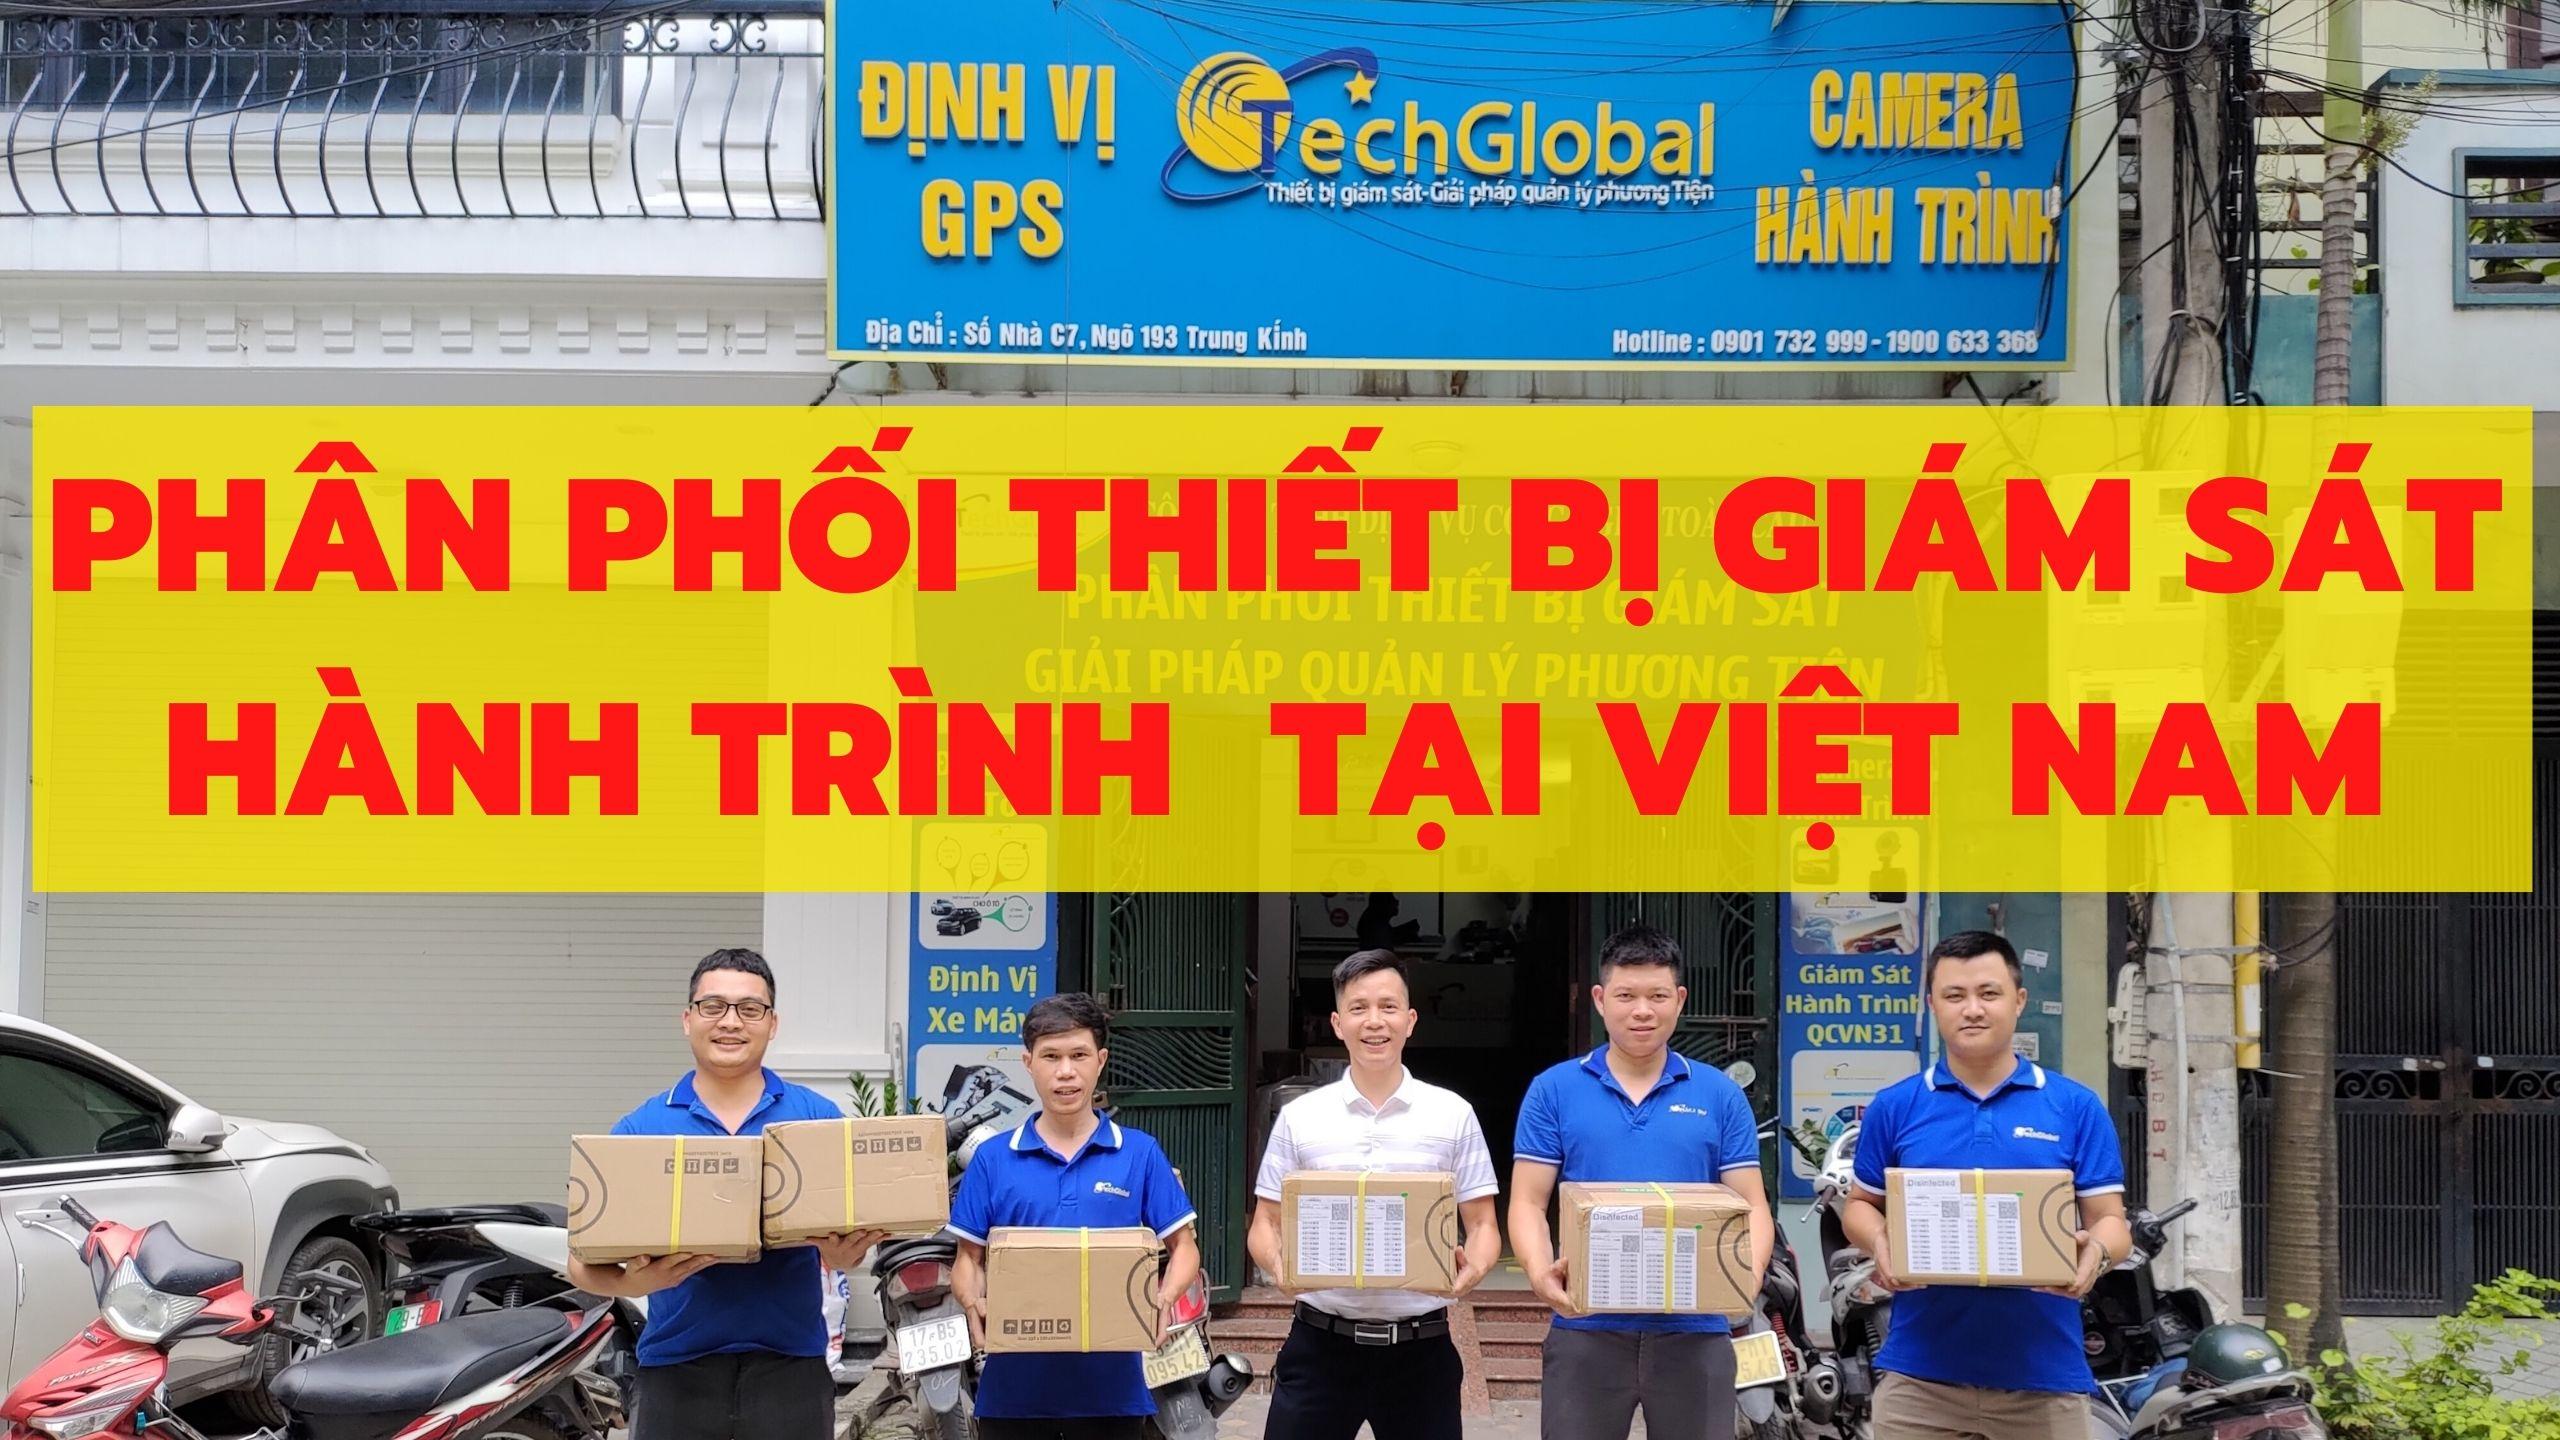 Nhà phân phối thiết bị giám sát hành trình xe - Hợp chuẩn Bộ GTVT